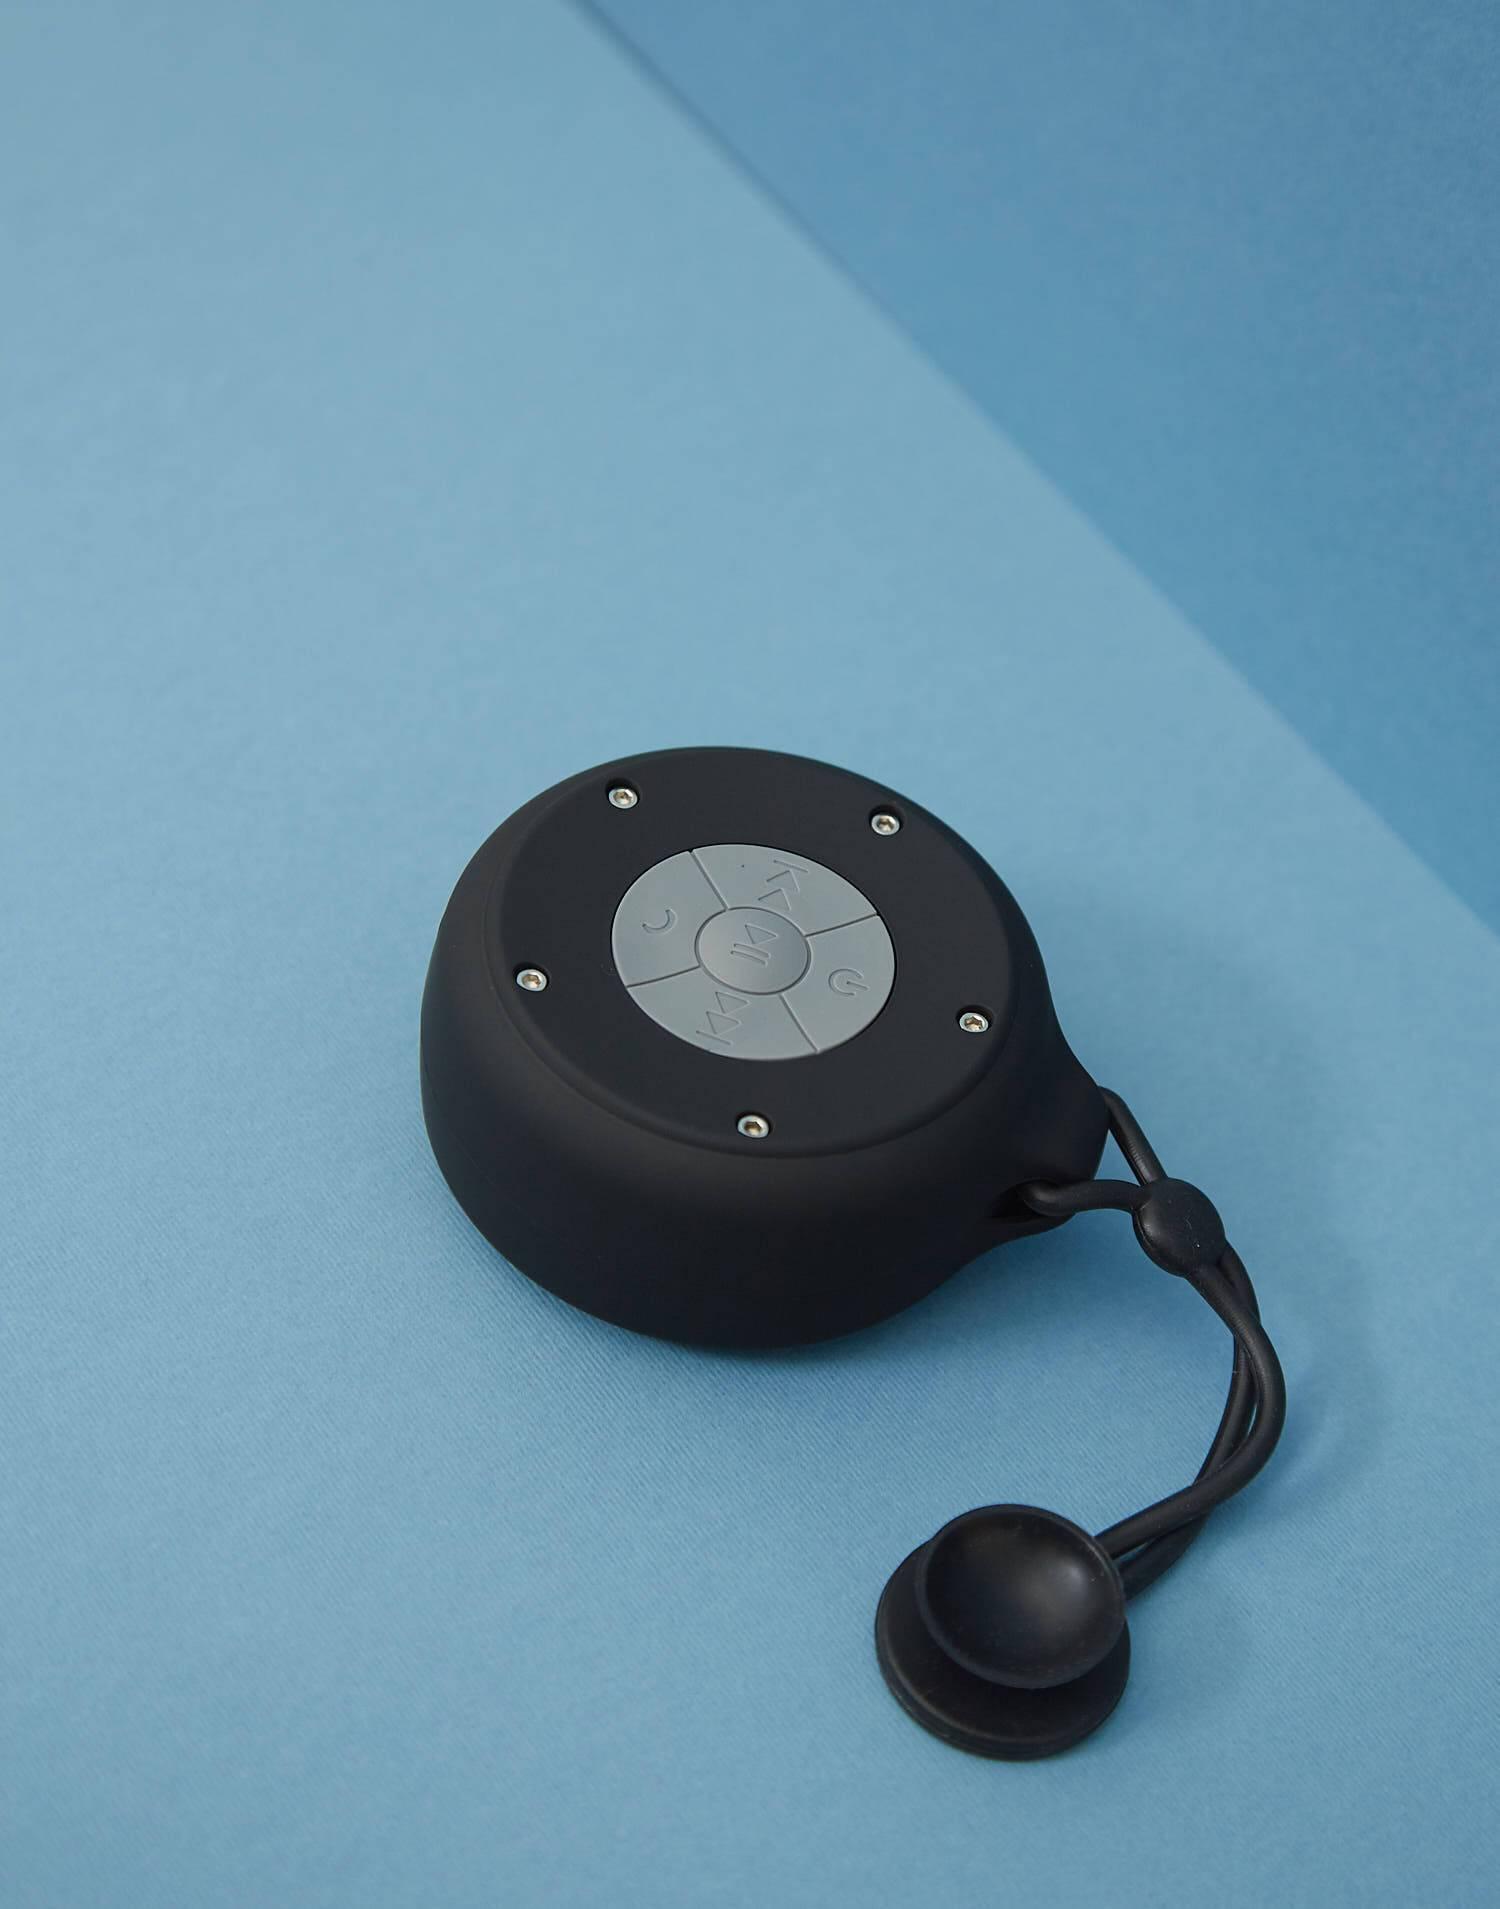 Rubber shower speaker